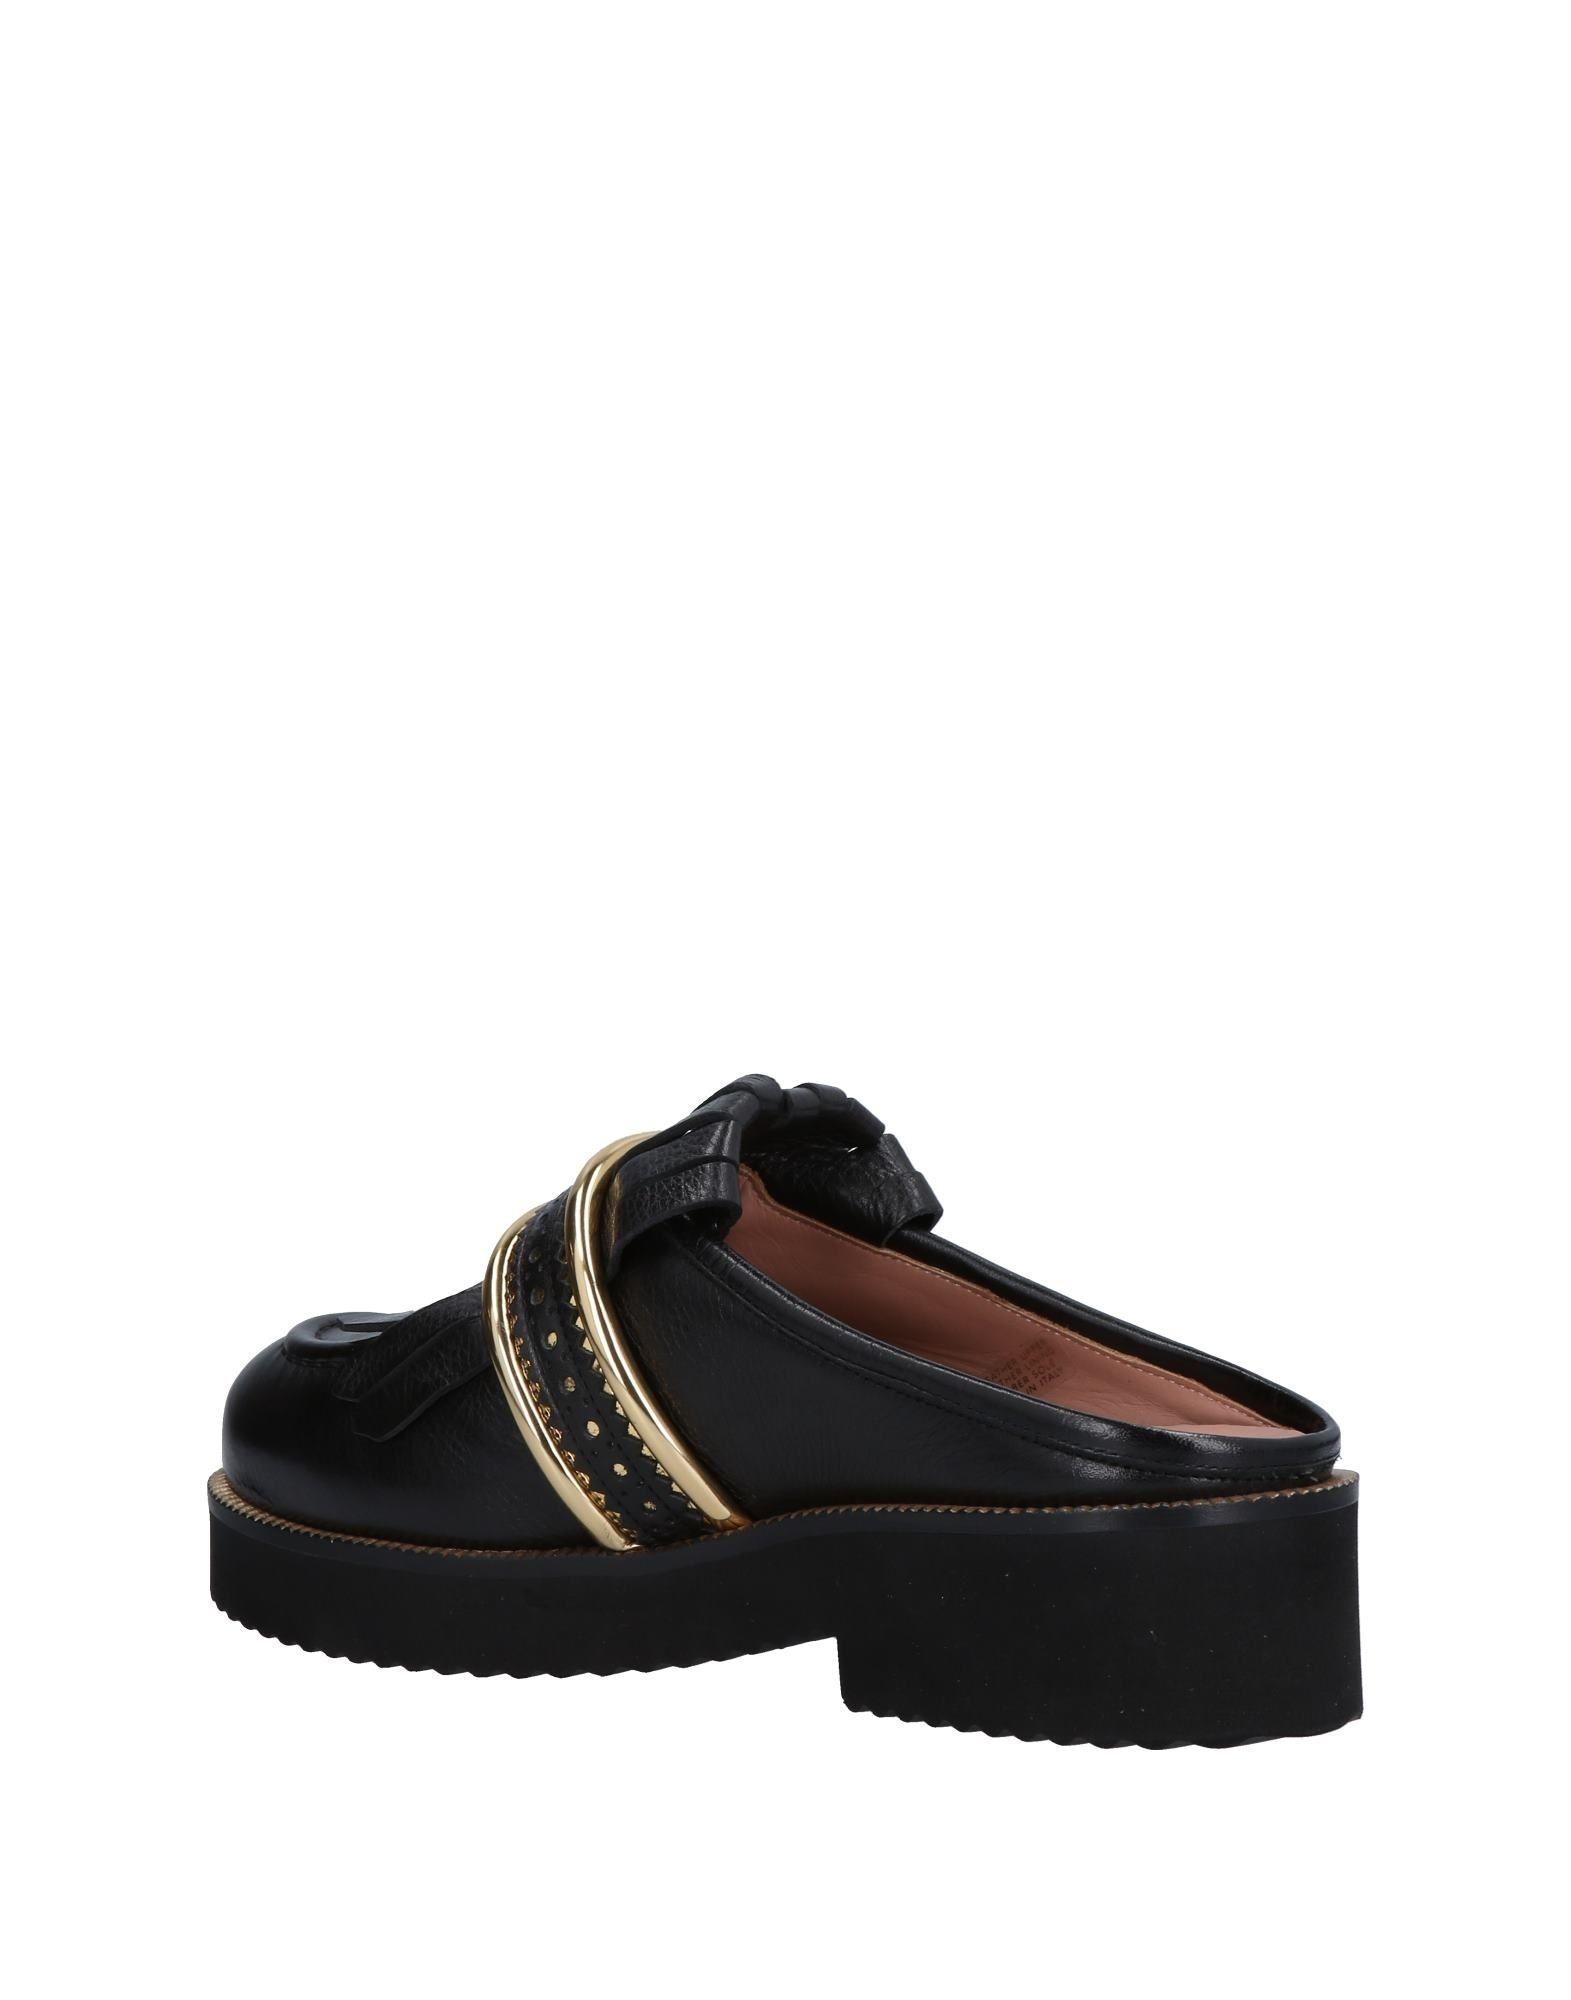 L' Autre Chose Pantoletten Damen  11487731WV Schuhe Neue Schuhe 11487731WV 54b160